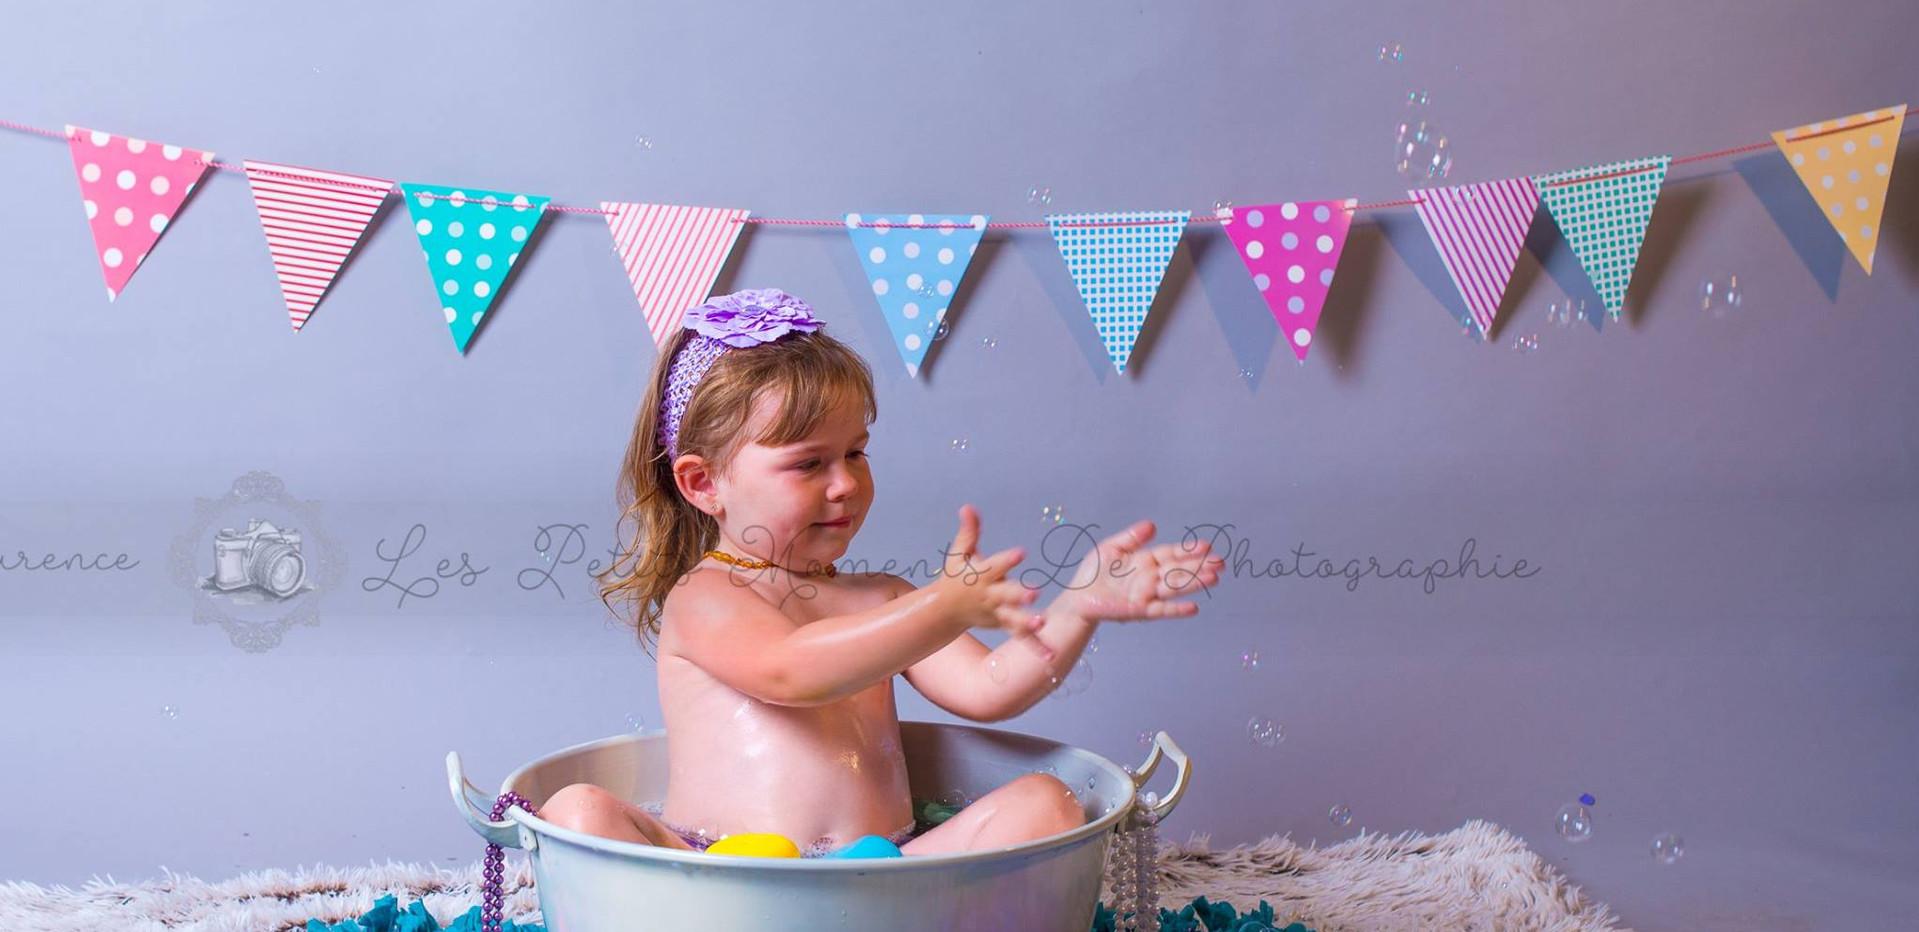 bain - Copie (2).jpg